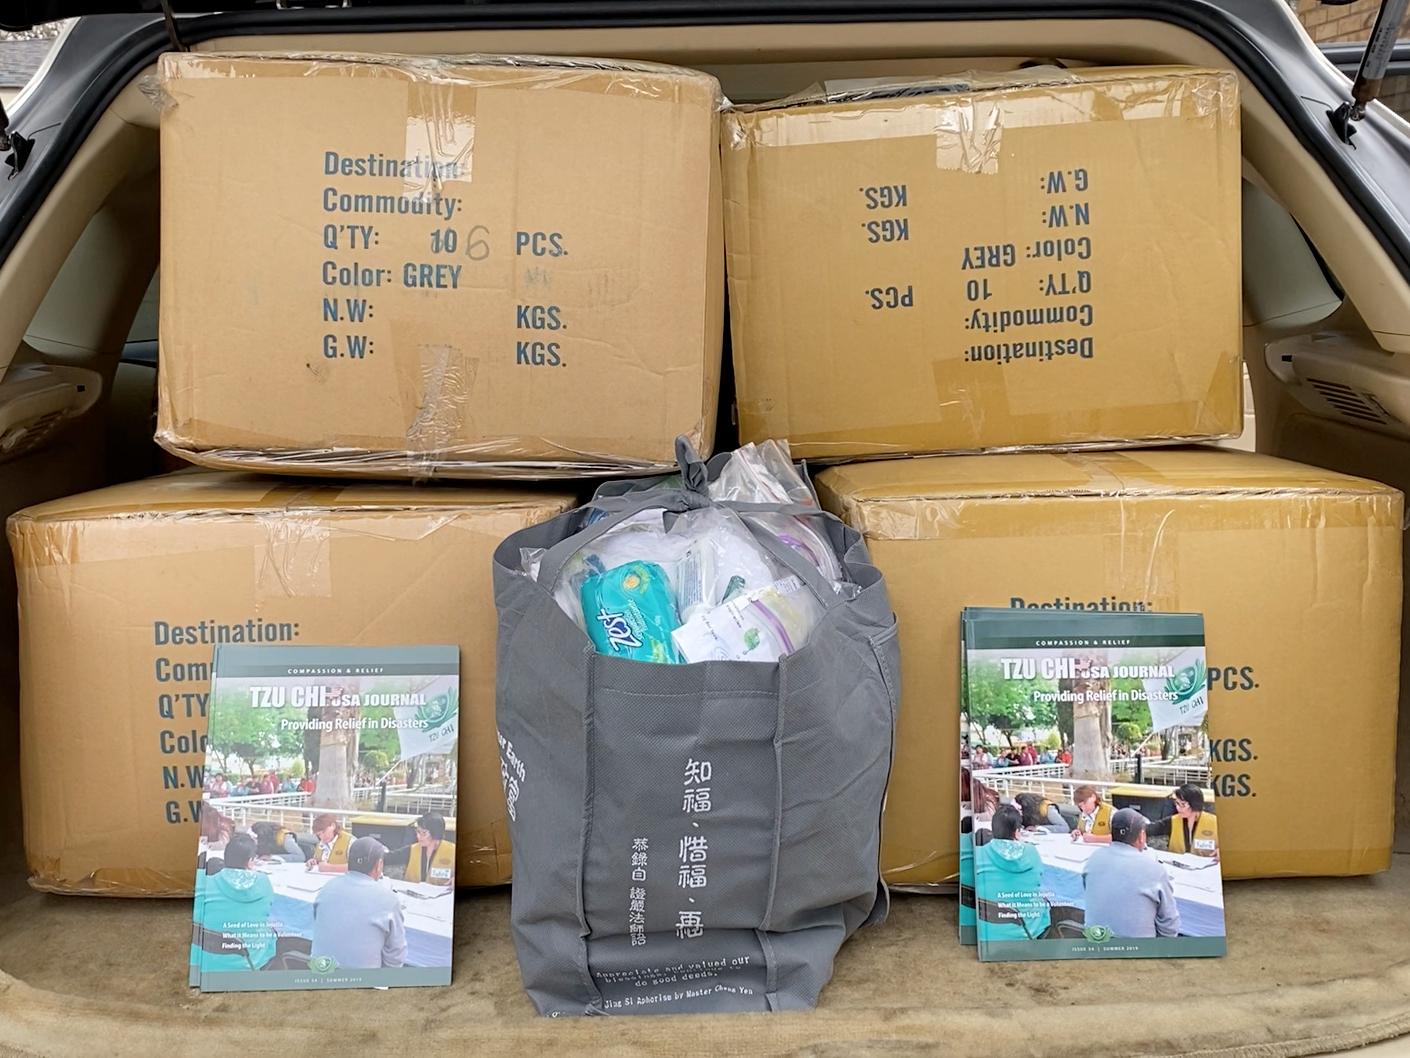 6X5VG2Laa  Embarcando las cajas llenas de mantas ecológicas y otros suministros esenciales en el  automóvil. [Foto: Yahmei Hsieh]